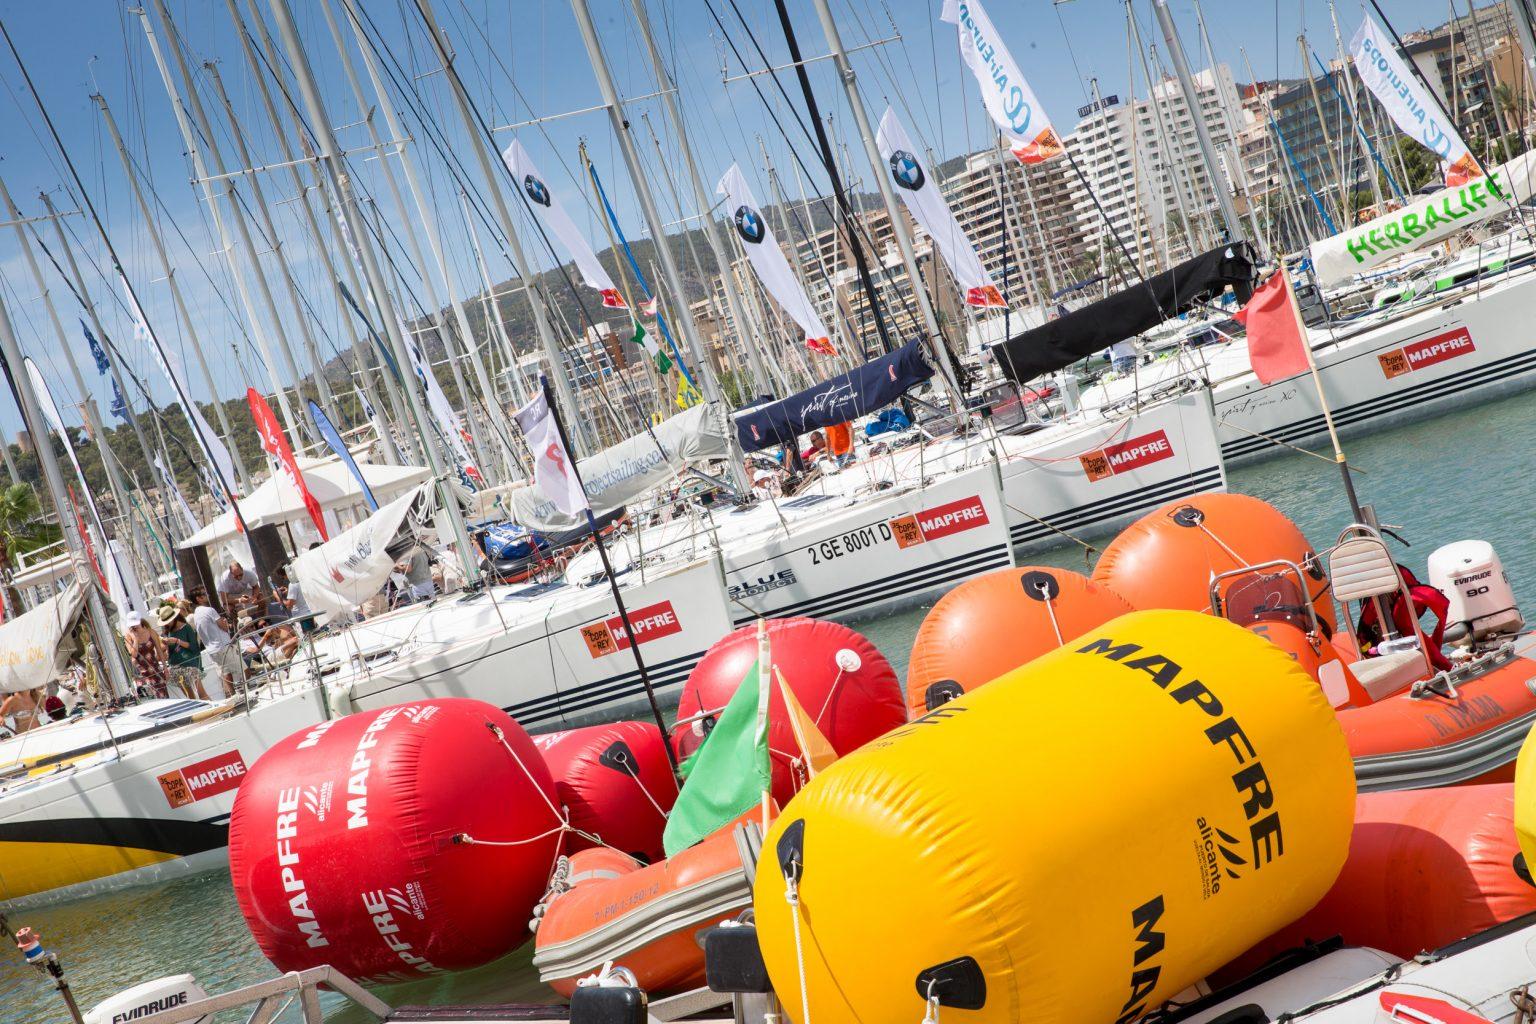 ©María Muiña: Sailingshots.es. 5 de Agosto de 2016, Ambiente en tierra de la Copa del Rey MAPFRE. August 5, 2016, Ambient on shore at Copa del Rey MAPFRE.